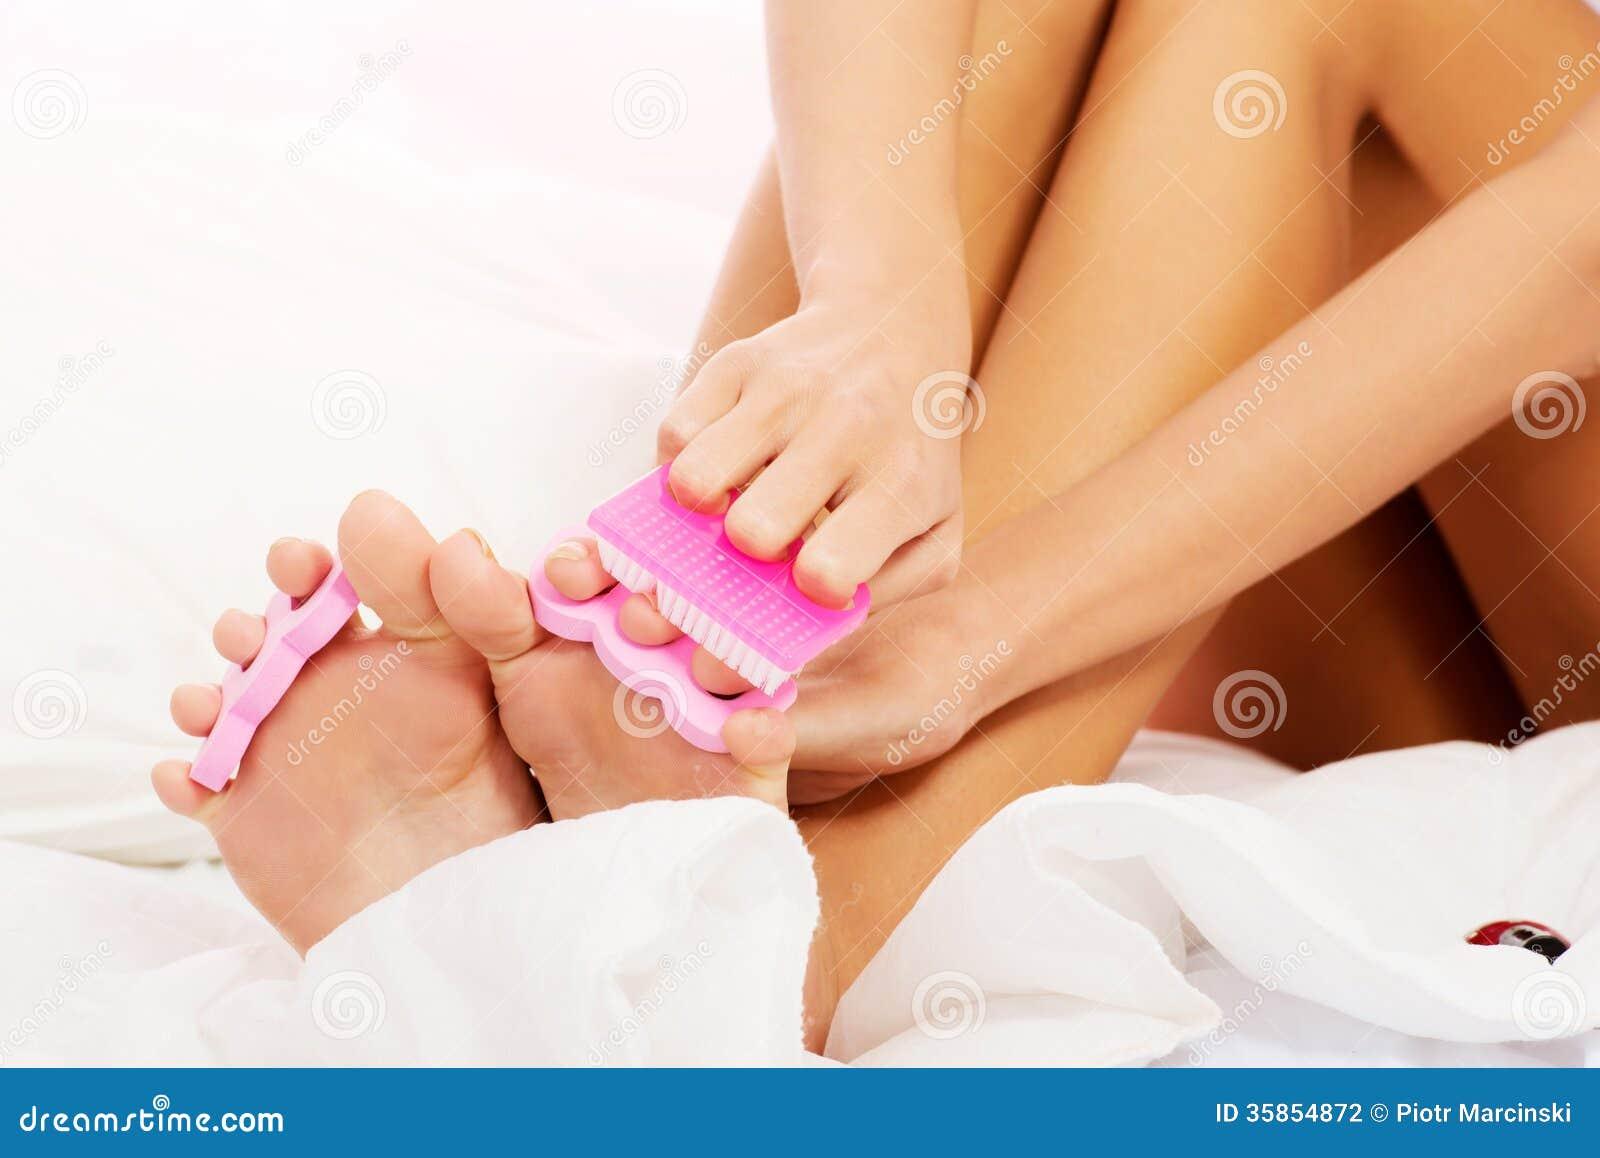 Sauge ihre verschwitzten Zehen